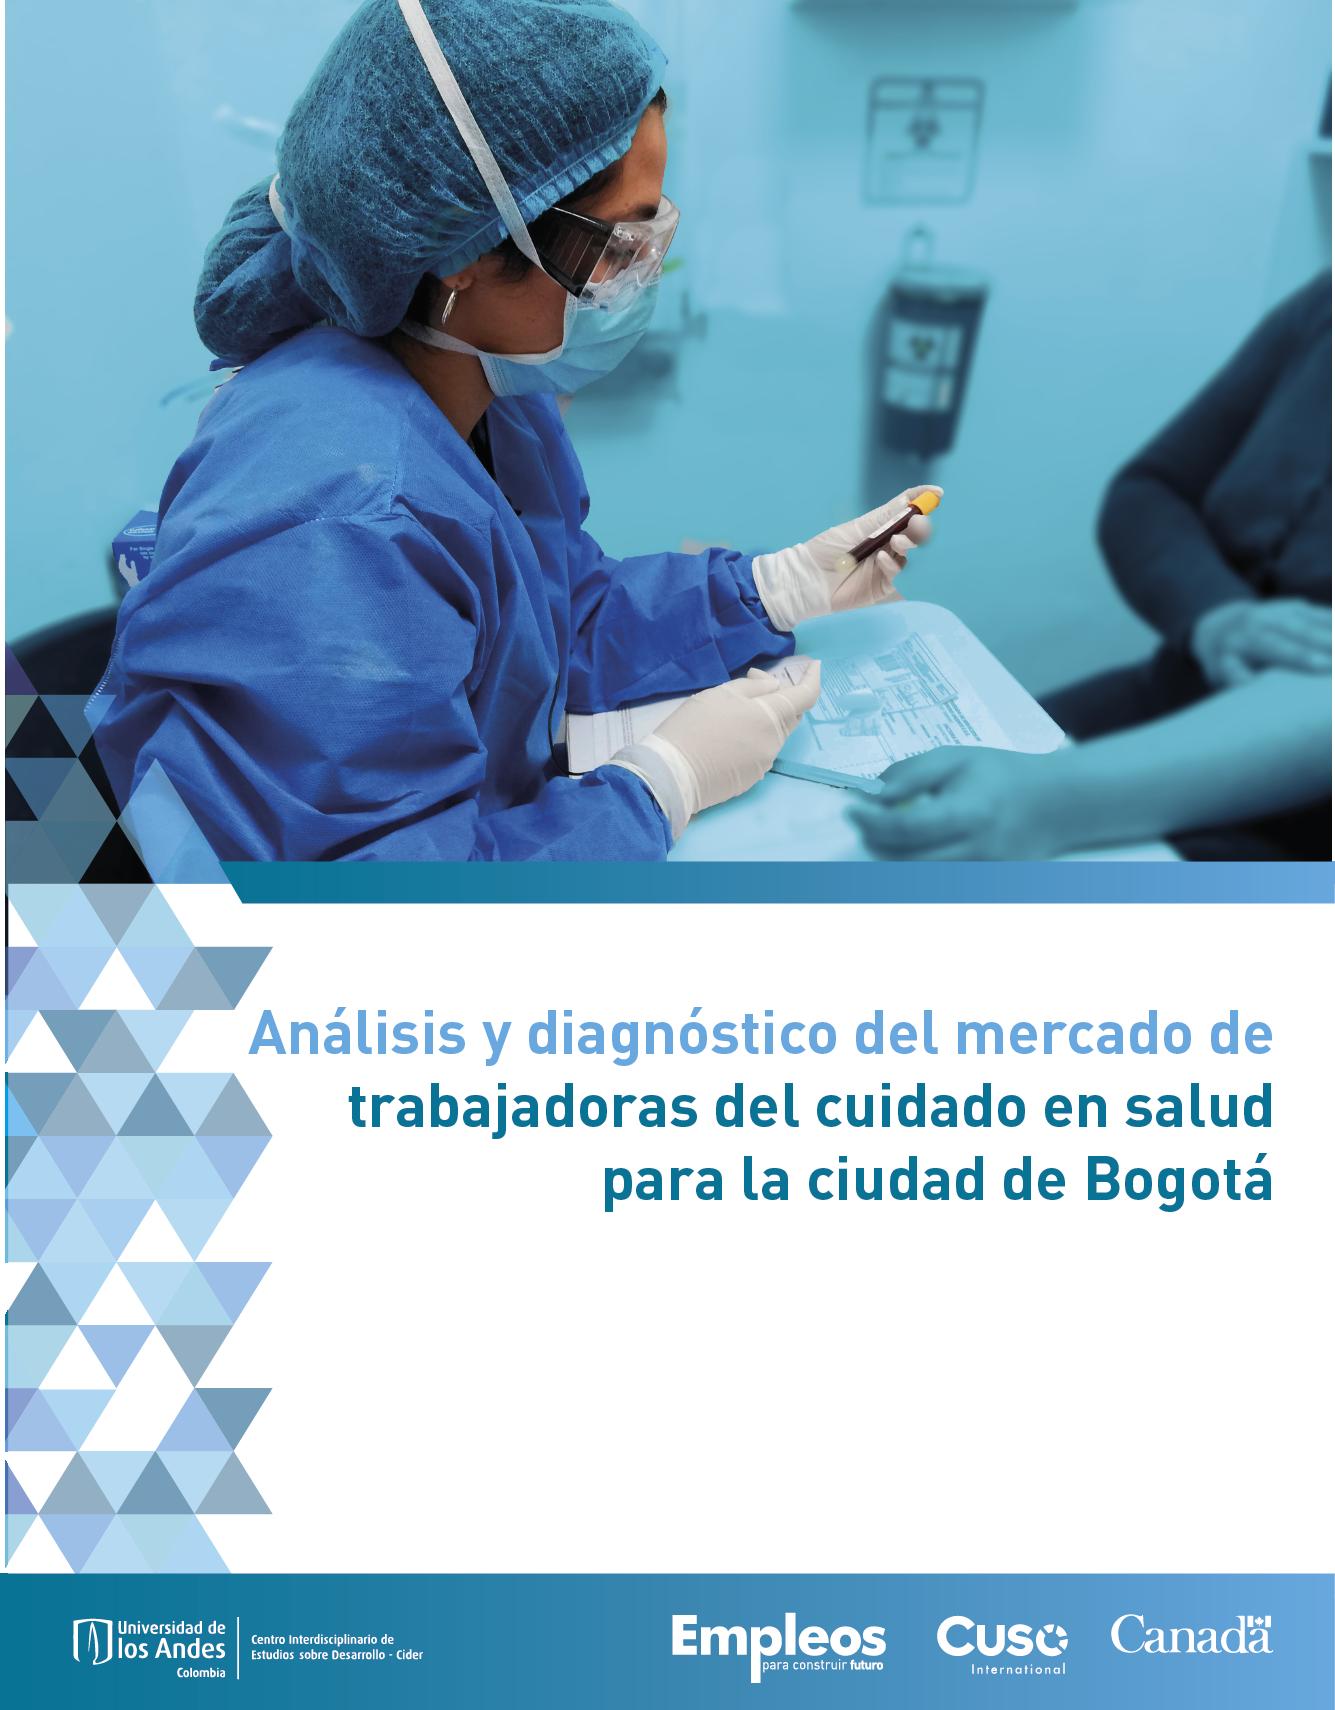 Análisis y diagnóstico del mercado de trabajadoras del cuidado en salud para la ciudad de Bogotá